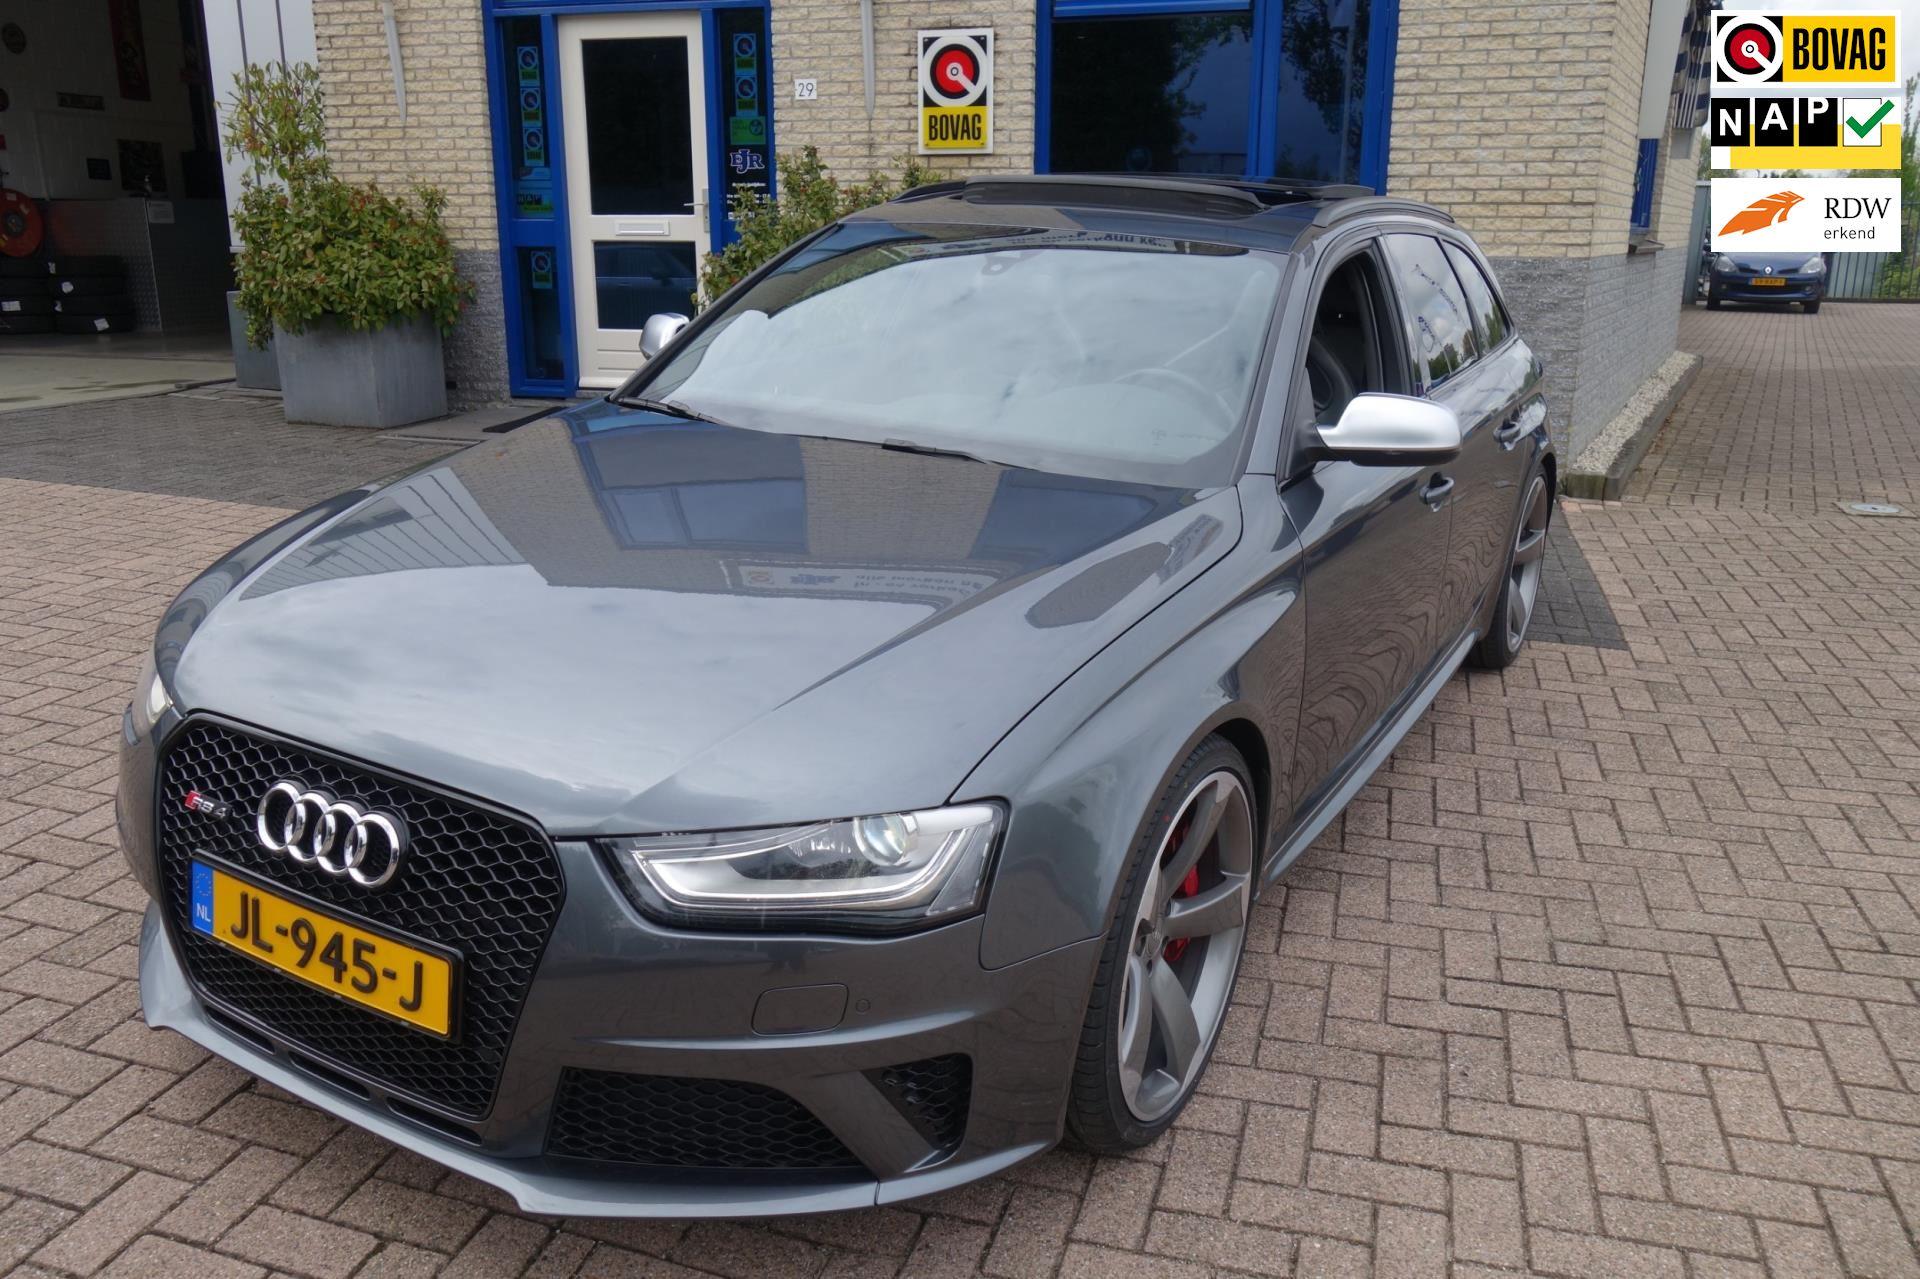 Audi RS4 Avant A4 occasion - Autobedrijf E.J. Rooy